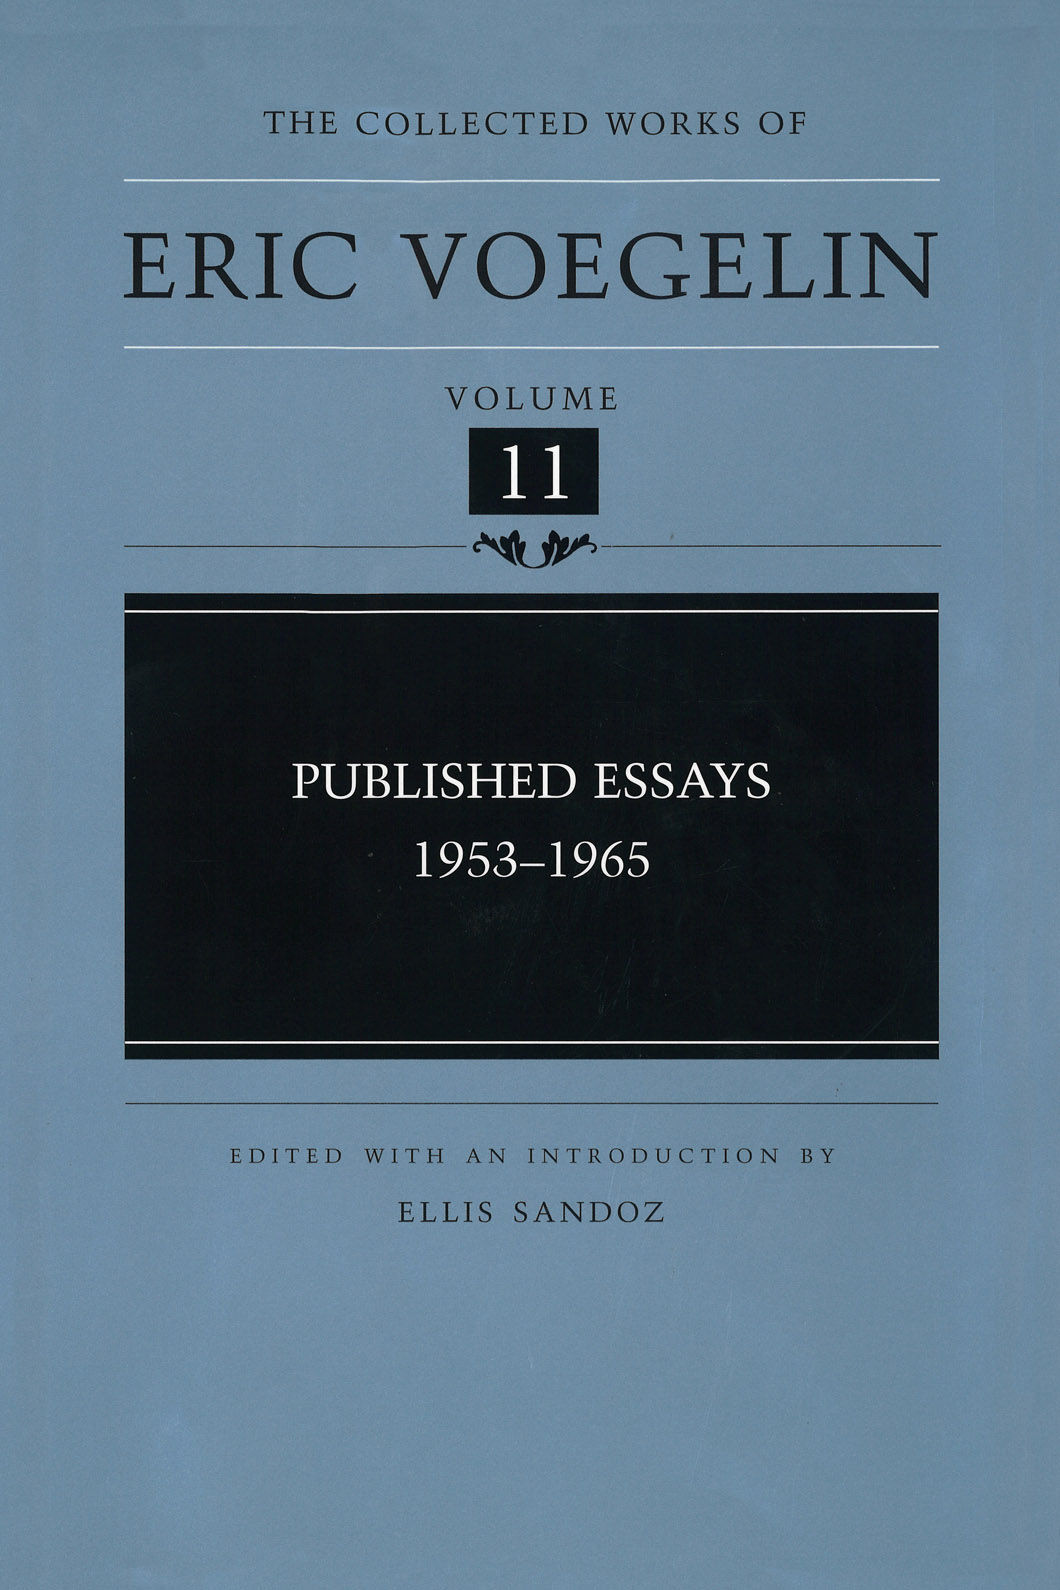 Published essays